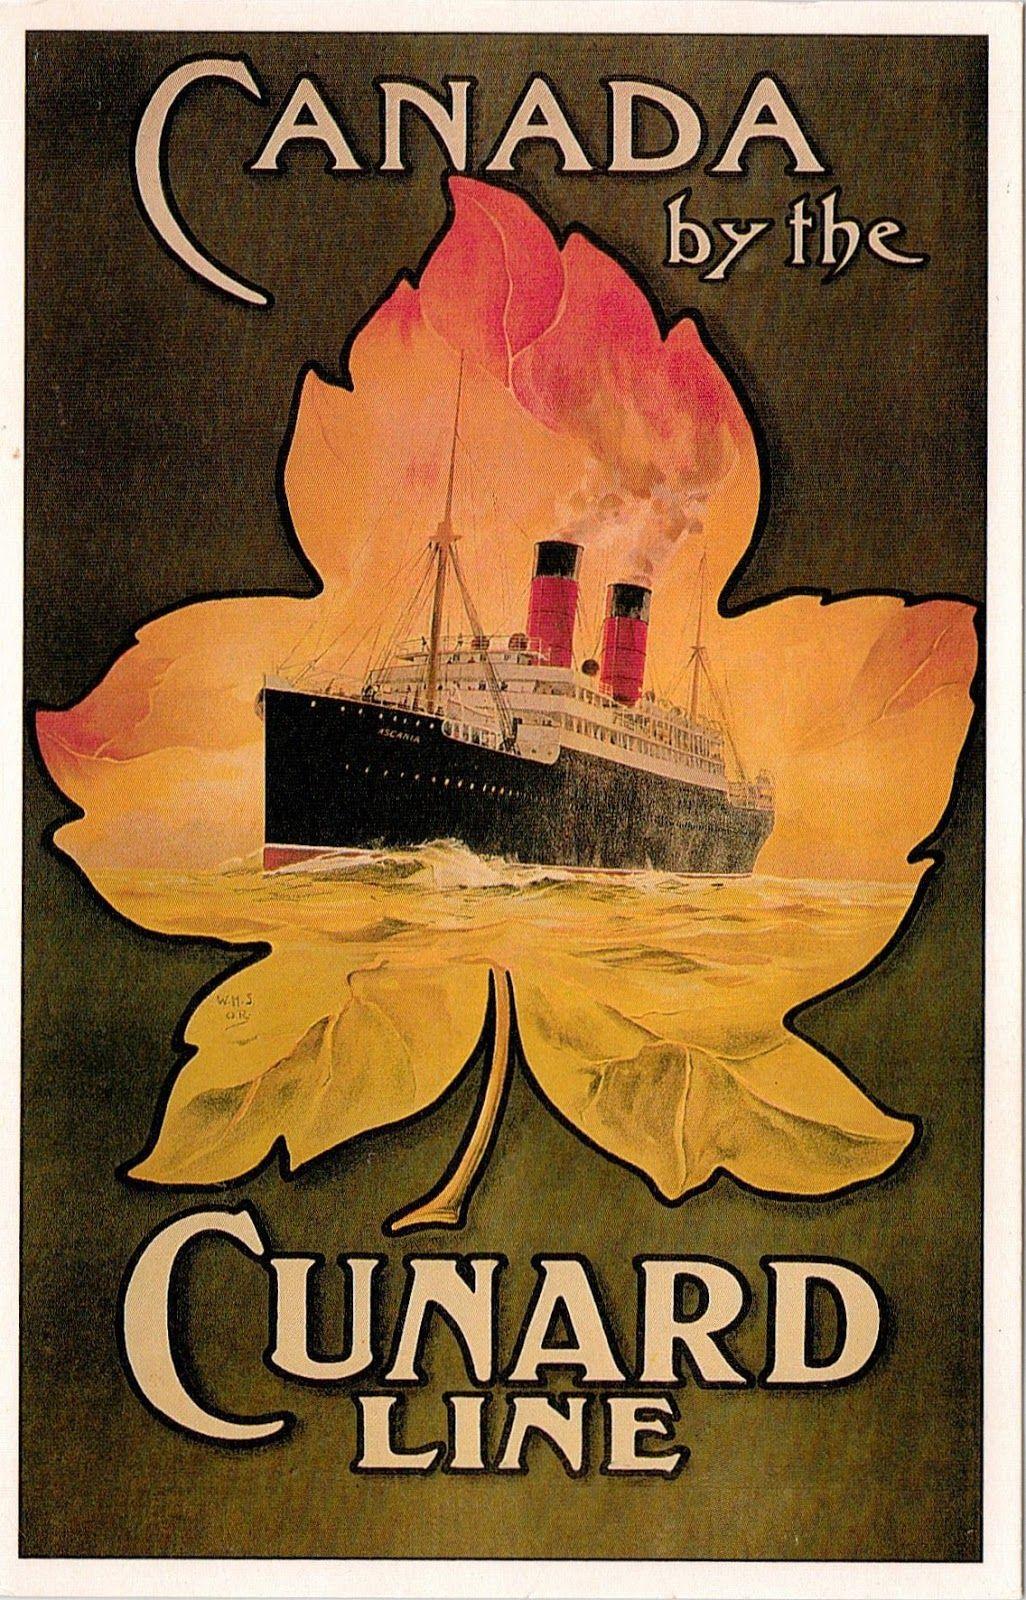 Canada - Cunard Line 1920s